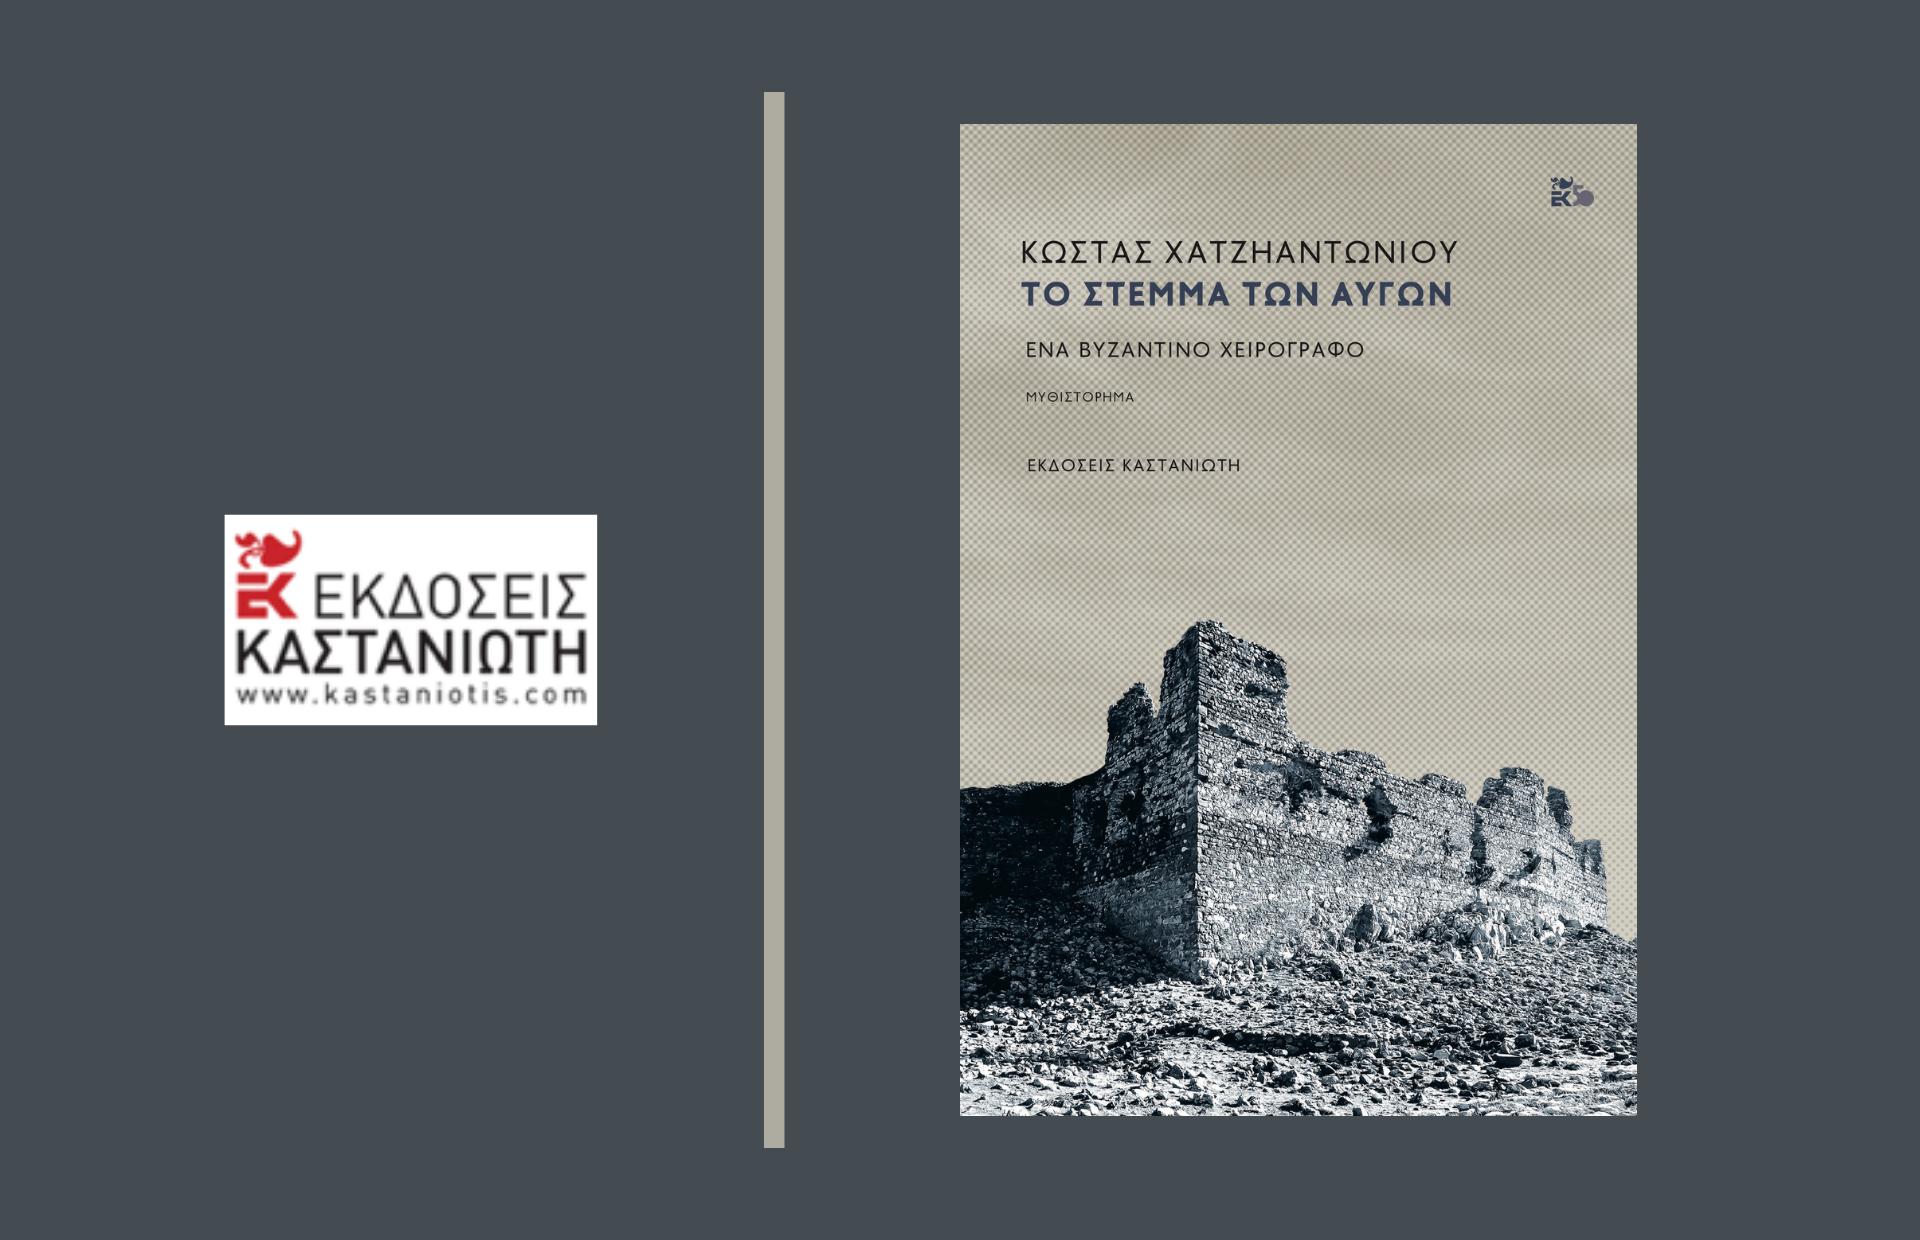 """""""Το στέμμα των αυγών"""", ένα βυζαντινό χειρόγραφο, από τις εκδόσεις Καστανιώτη"""